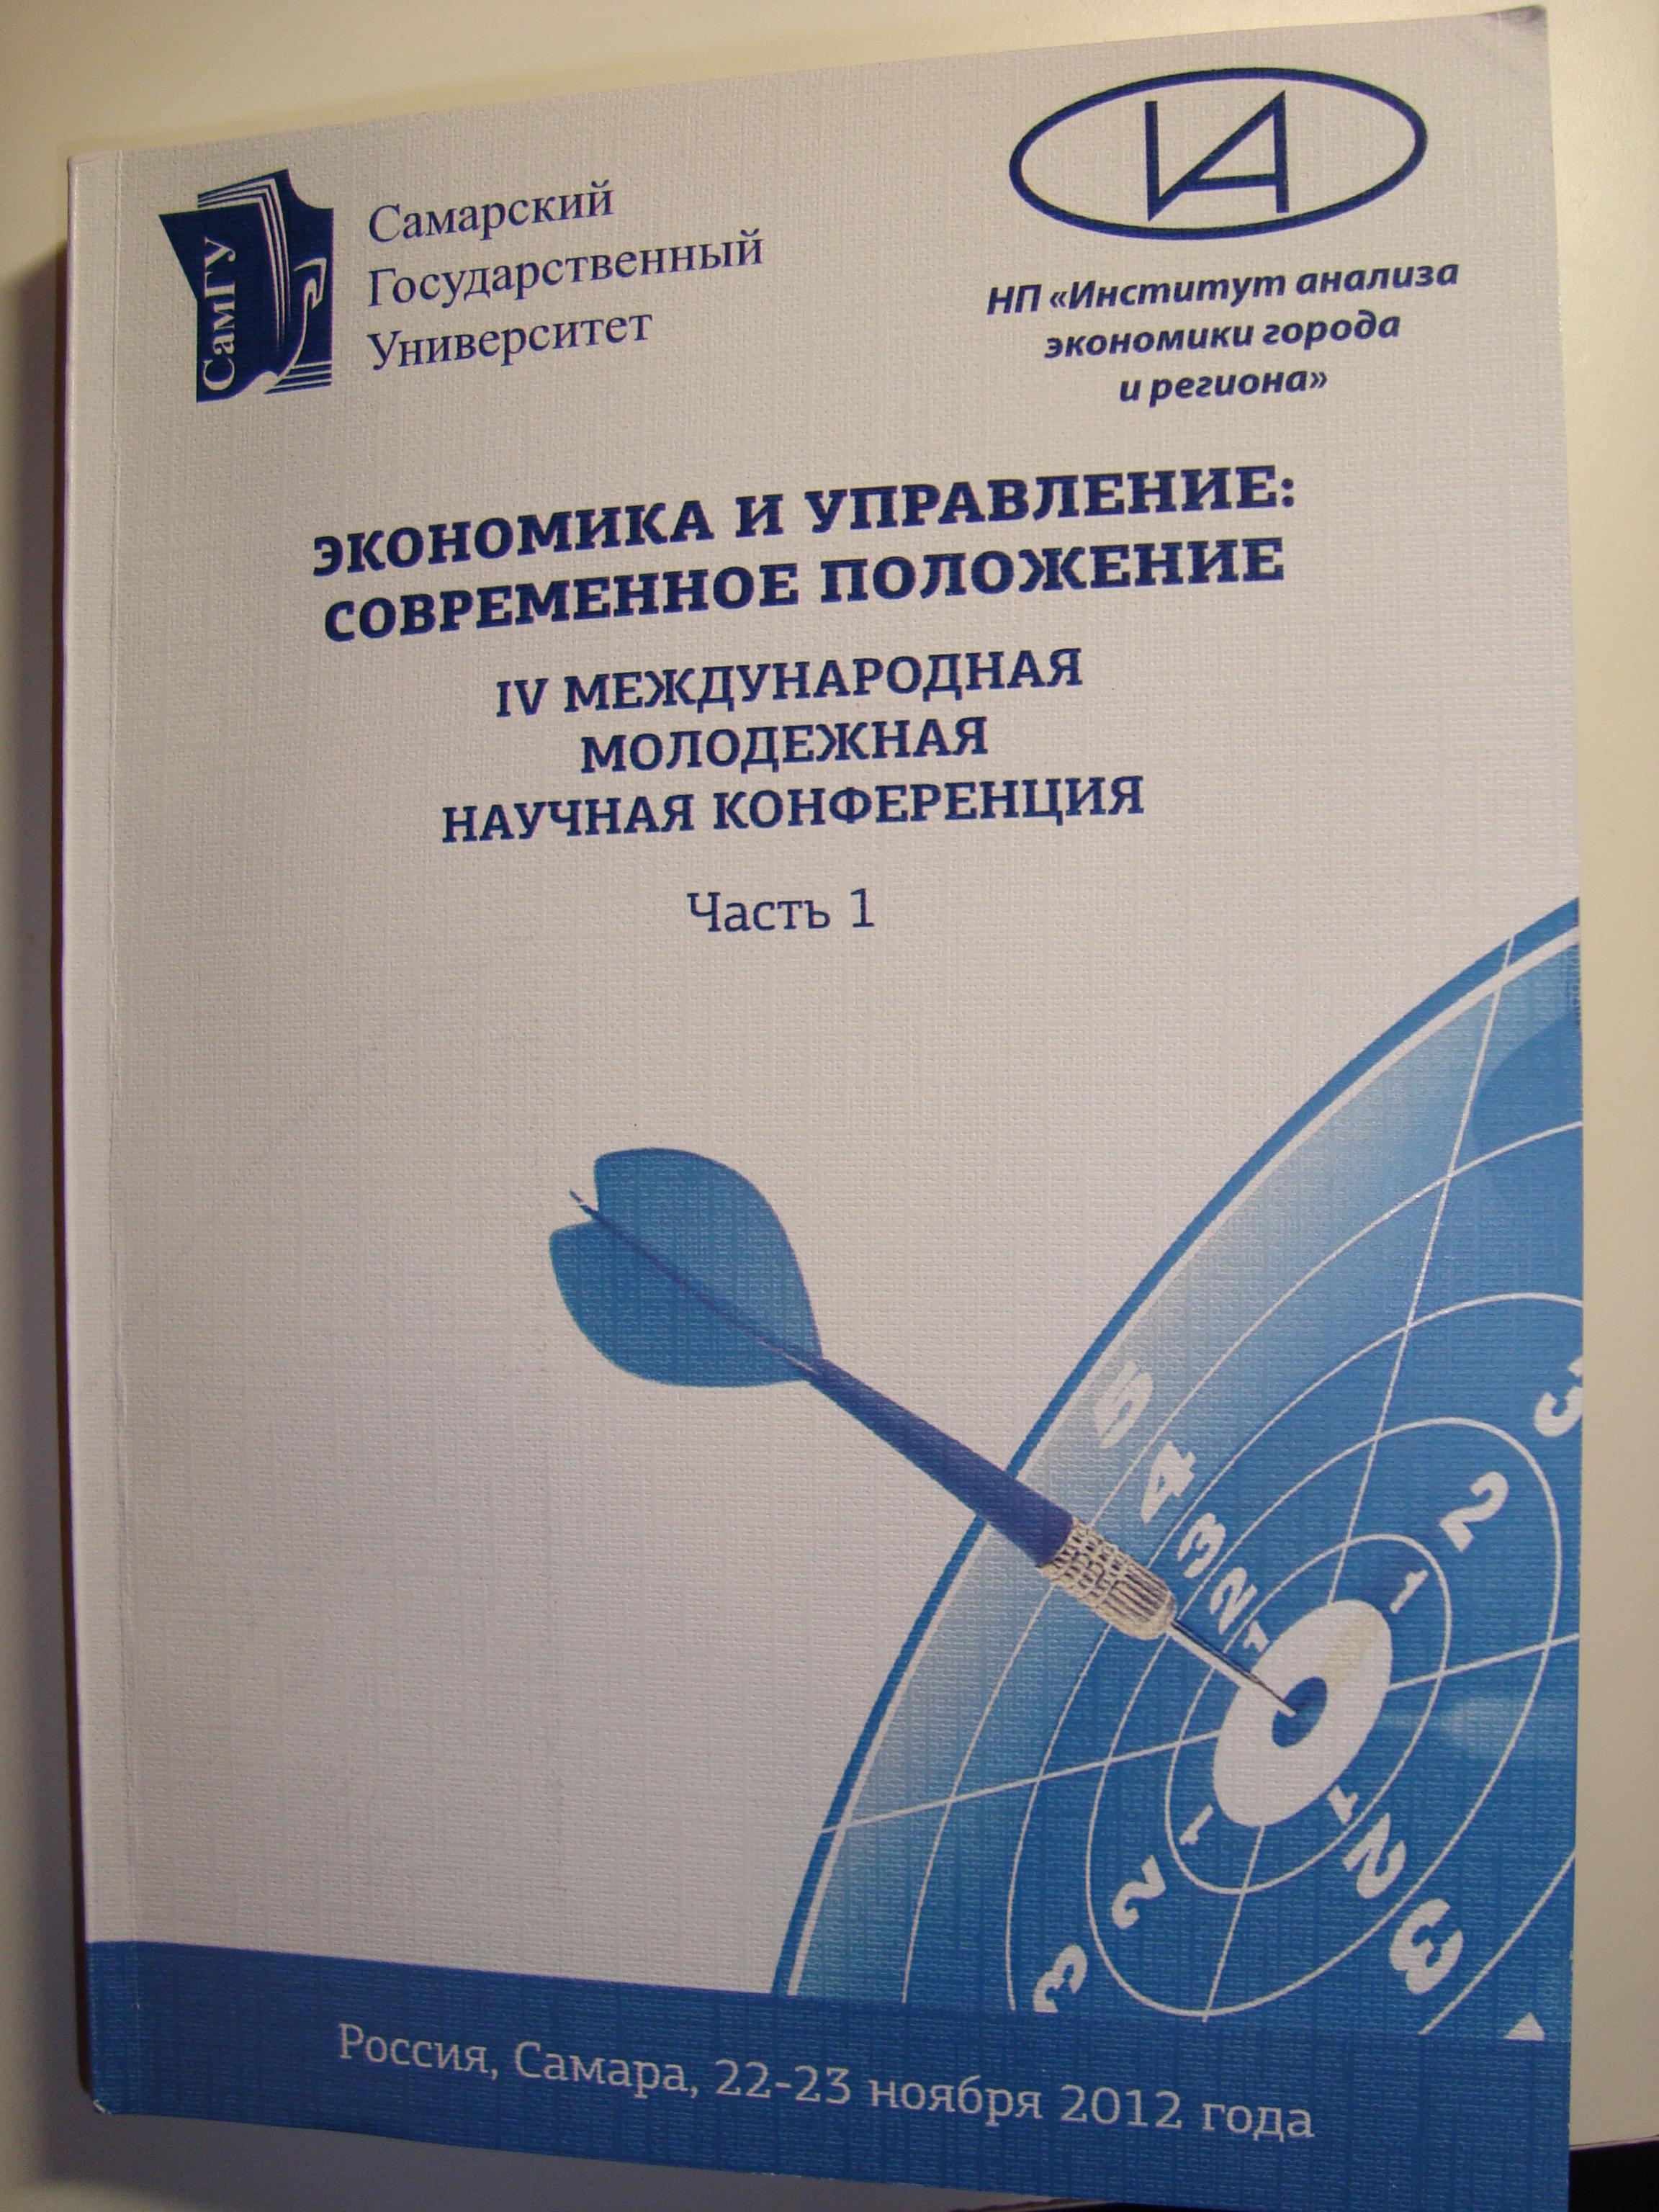 Экономика и управление:современное положение: материалы и доклады IV международной молодежной научной конференции, Самара, 22-23 ноября 2012 г. В 2 ч.